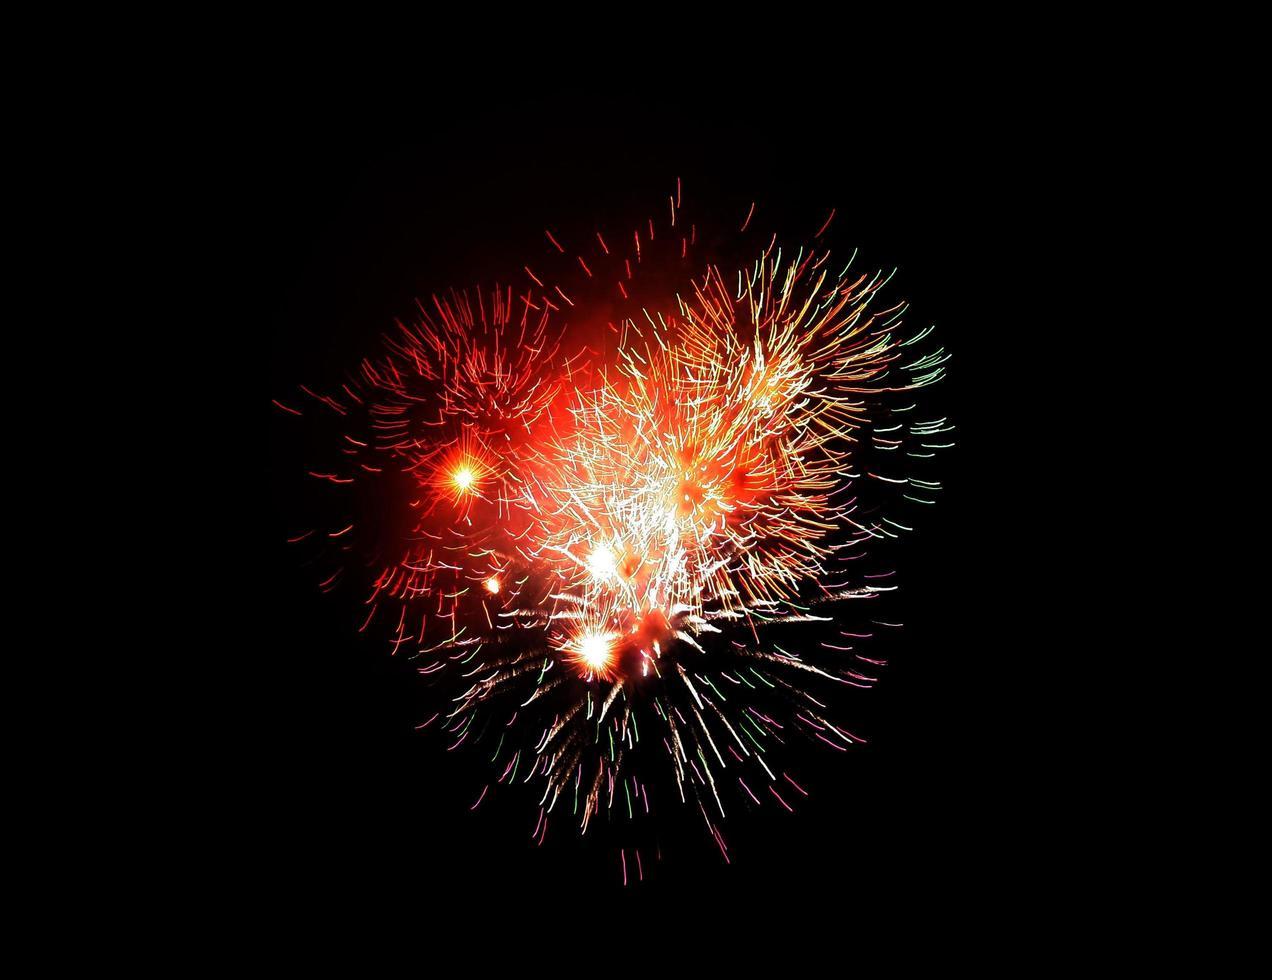 gruppo di fuochi d'artificio foto